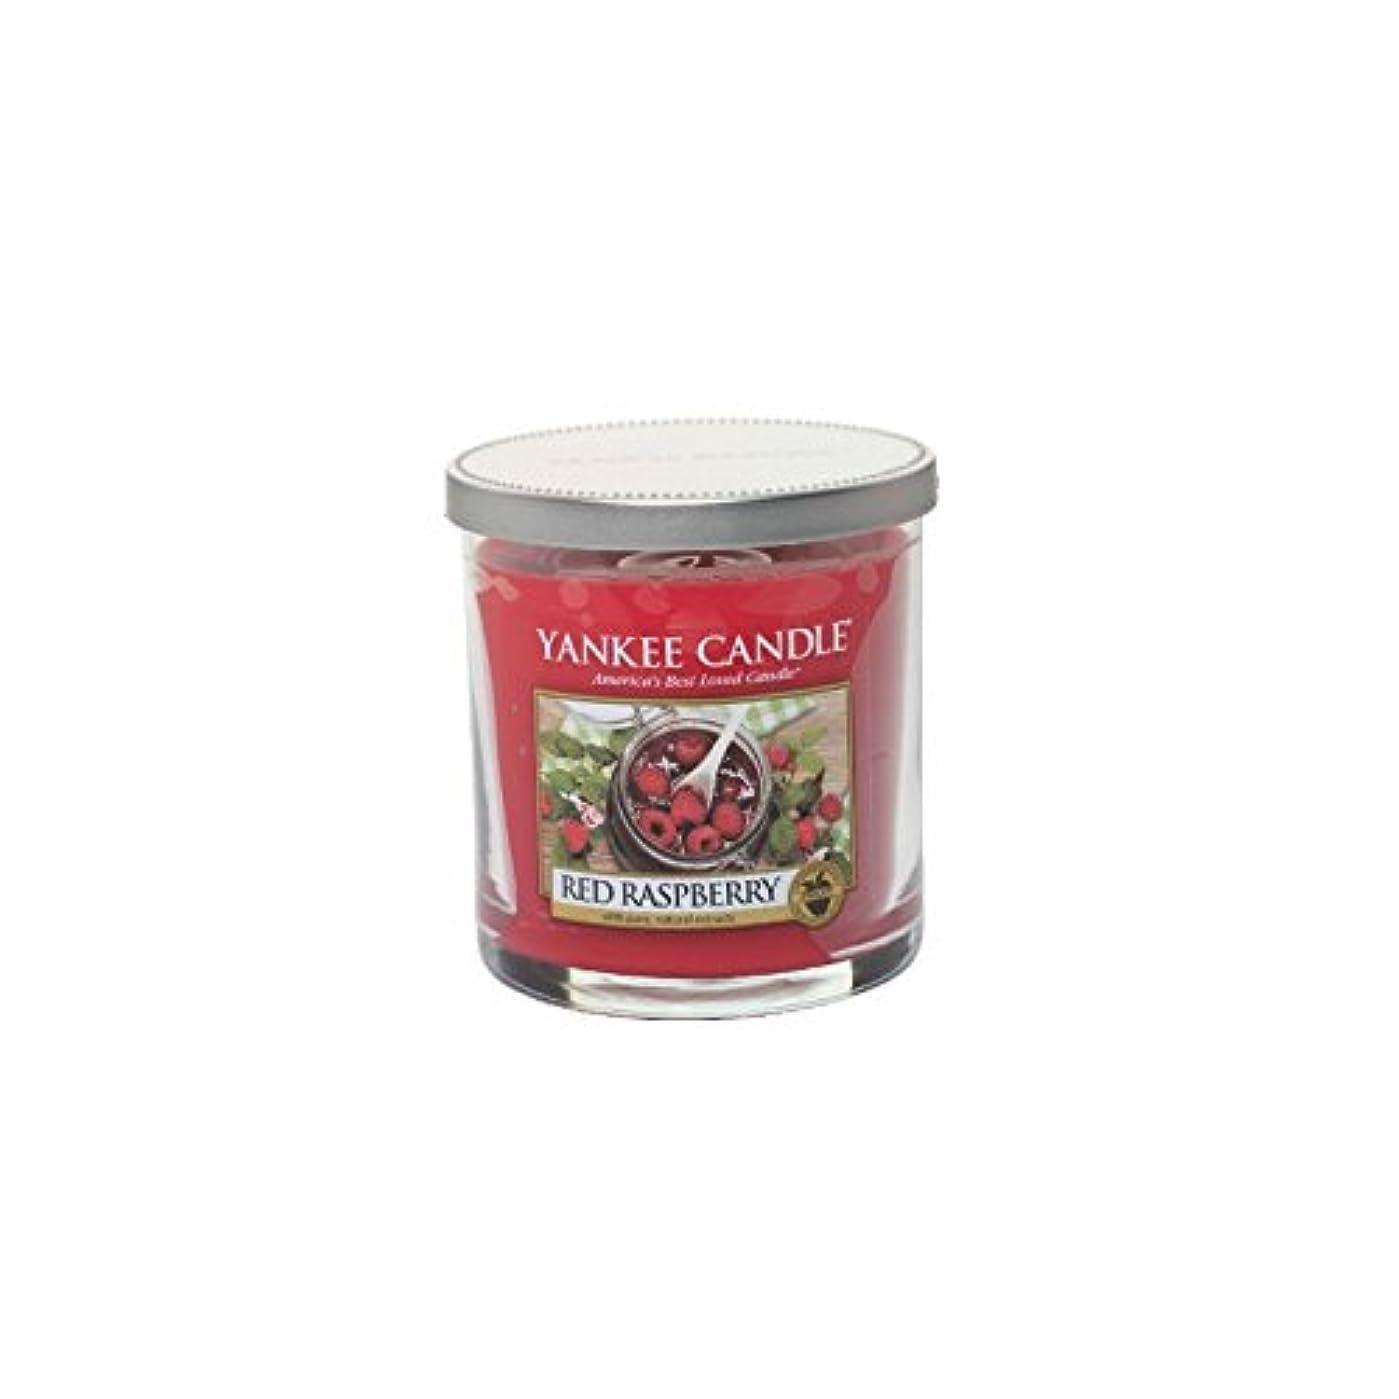 説明的パイプコットンYankee Candles Small Pillar Candle - Red Raspberry (Pack of 2) - ヤンキーキャンドルの小さな柱キャンドル - レッドラズベリー (x2) [並行輸入品]